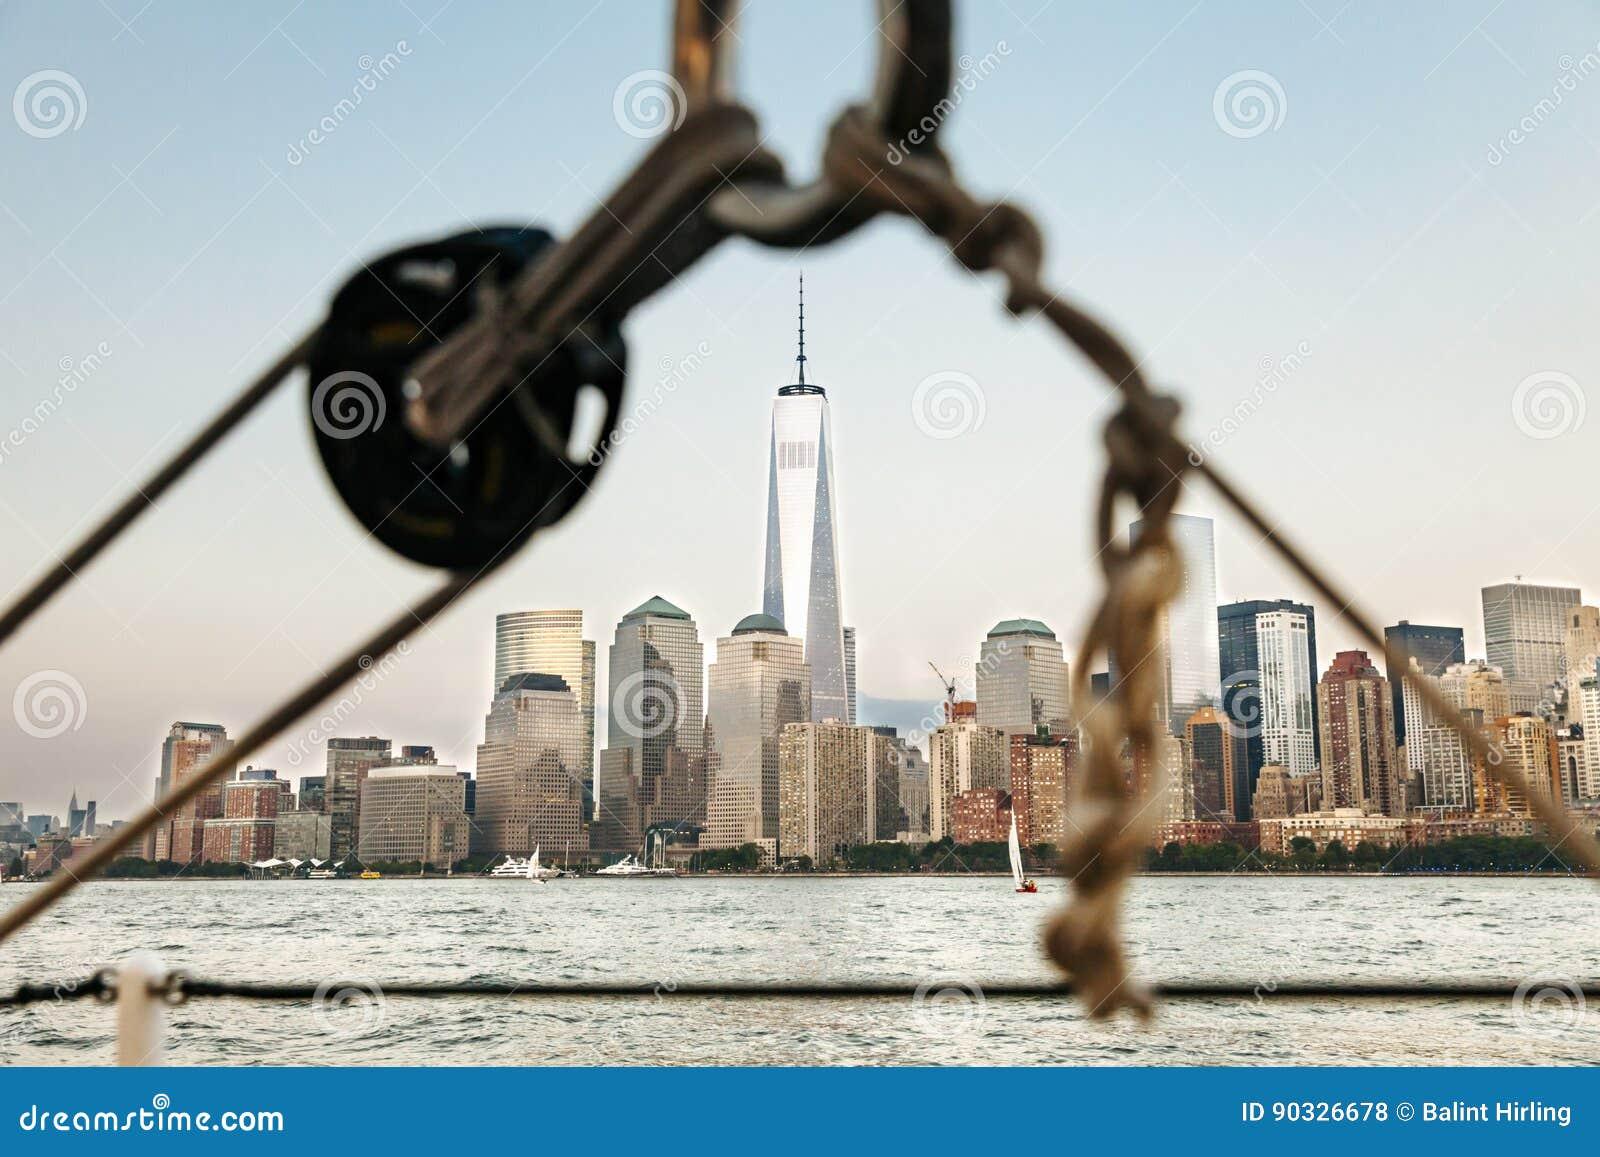 Zeilboot in New York met het World Trade Center